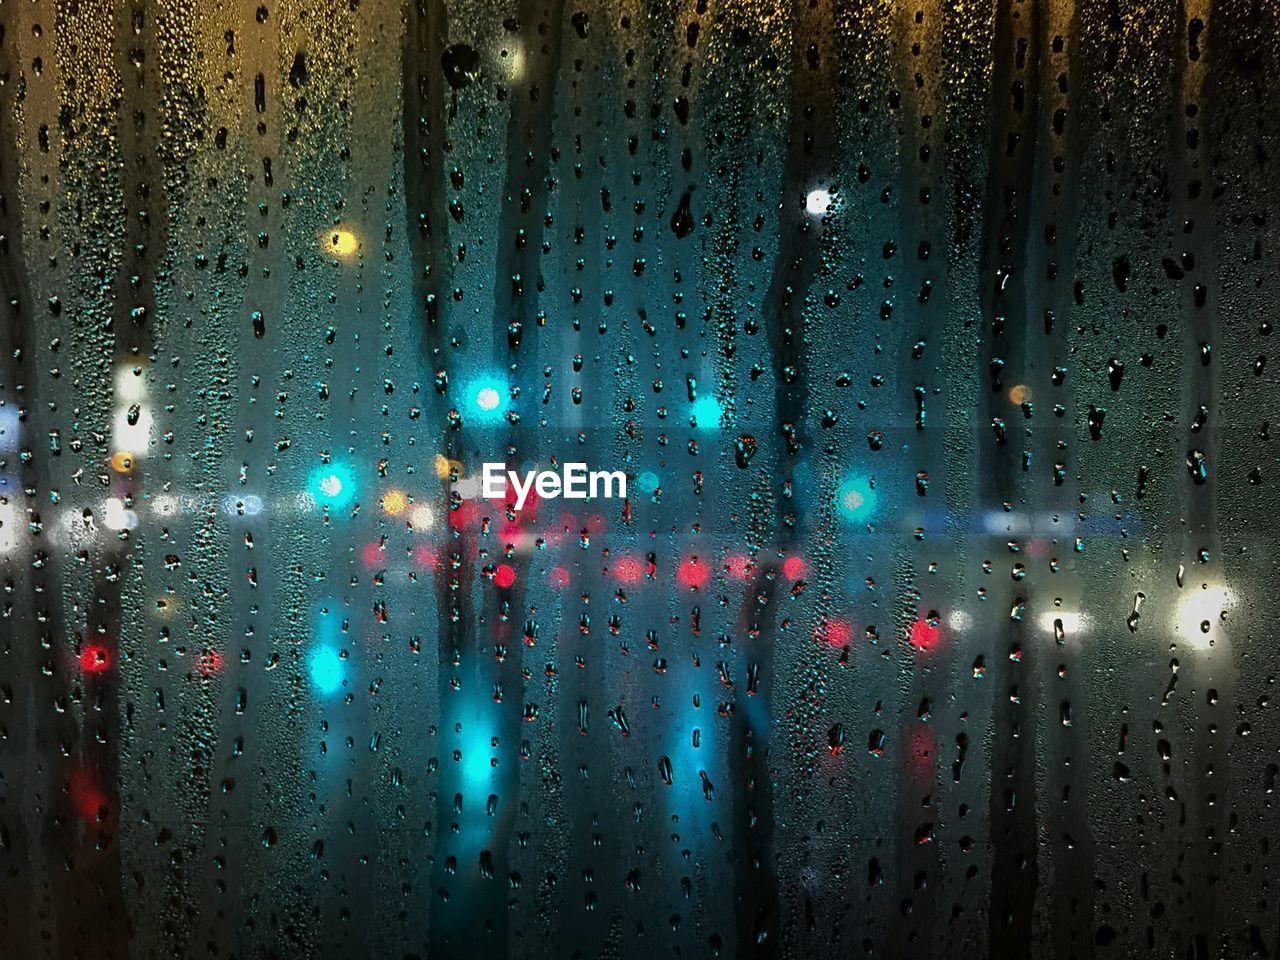 Illuminated lights seen through wet window during rainy season